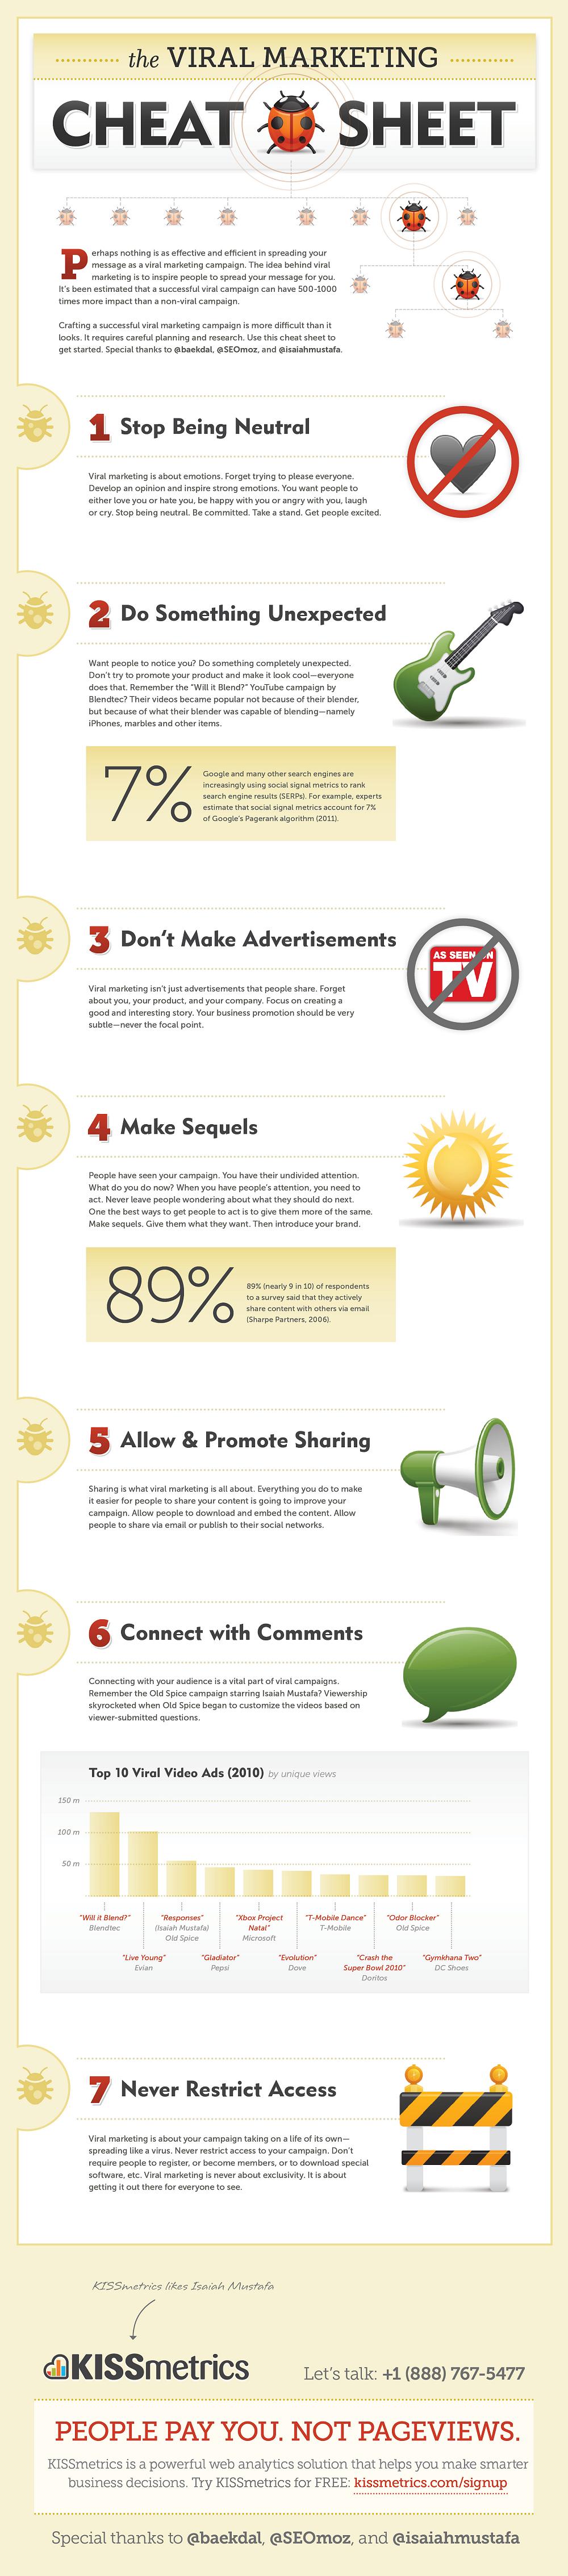 Вирусный онлайн-маркетинг — пожалуй, одна из лучших по эффективности методик продвижения бренда.